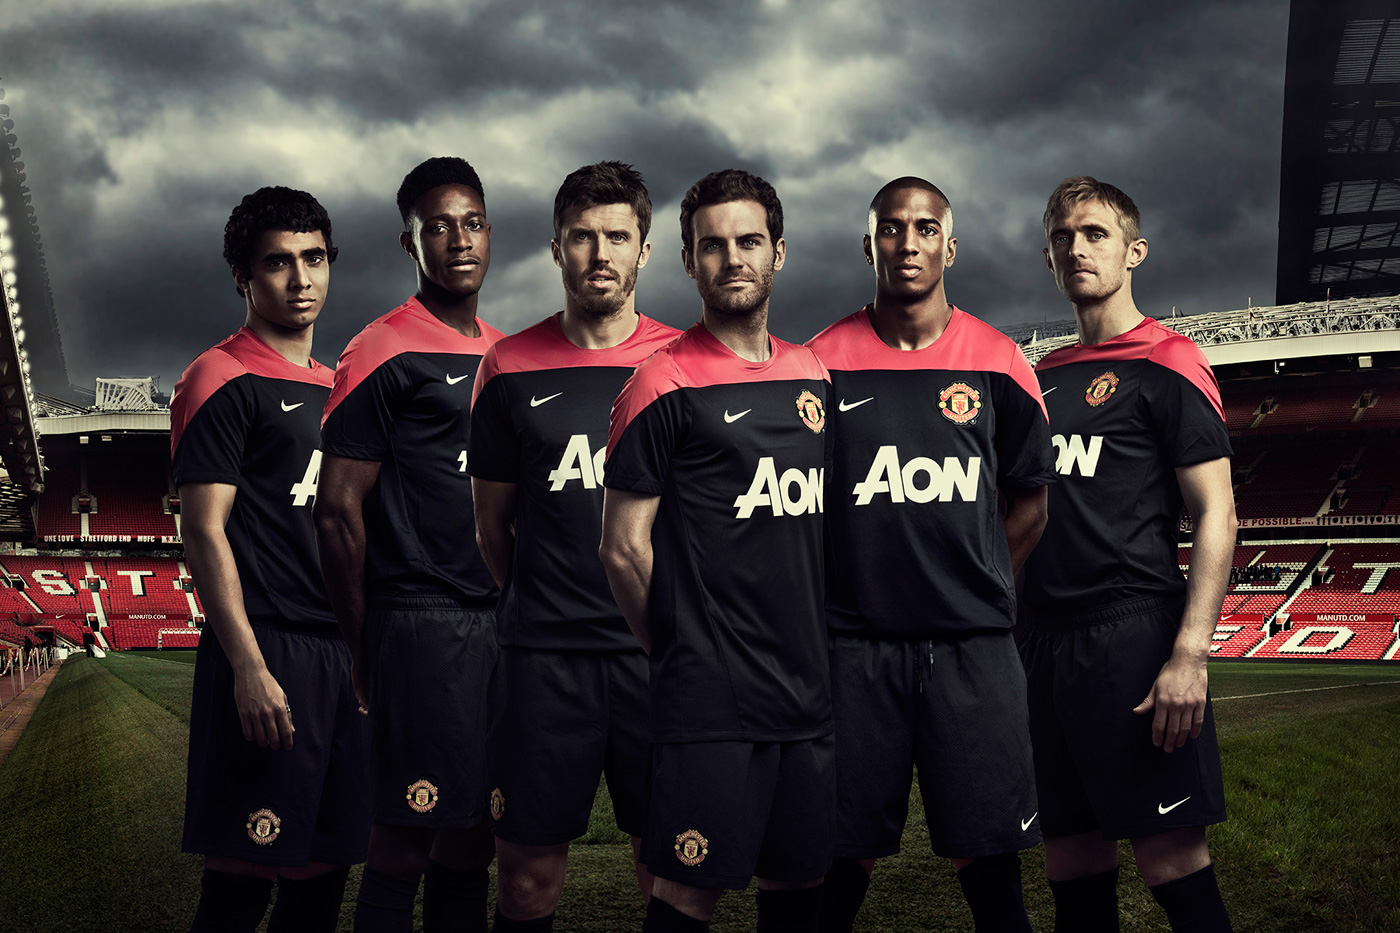 Фото © Фейсал Альбишер. Реклама футбольной команды